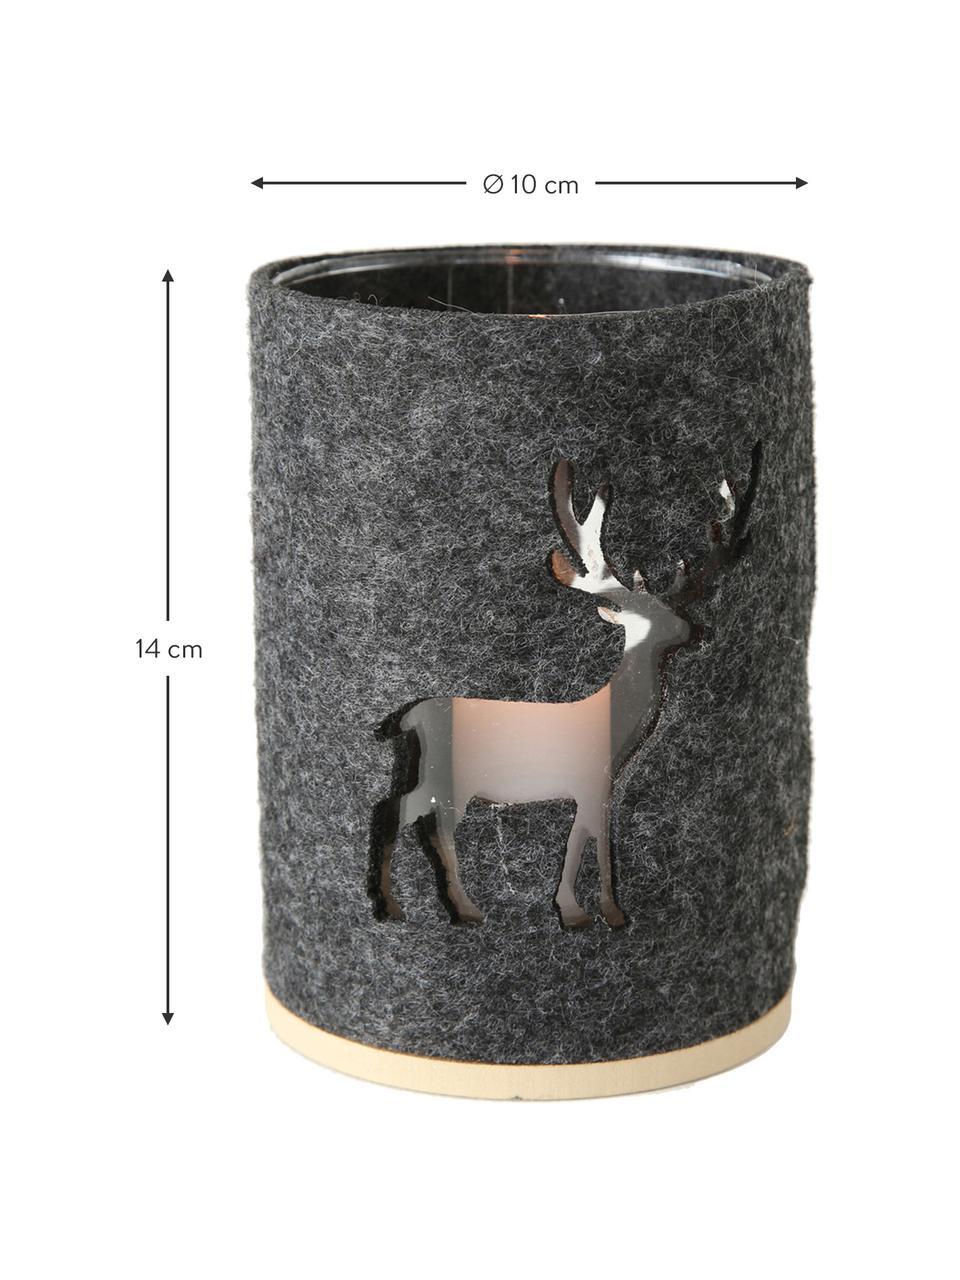 Windlichter-Set Tjark, 2-tlg., Windlicht: Glas, Sockel: Mitteldichte Holzfaserpla, Hülle: Polyesterfilz, Grau, Dunkelgrau, Ø 10 x H 14 cm